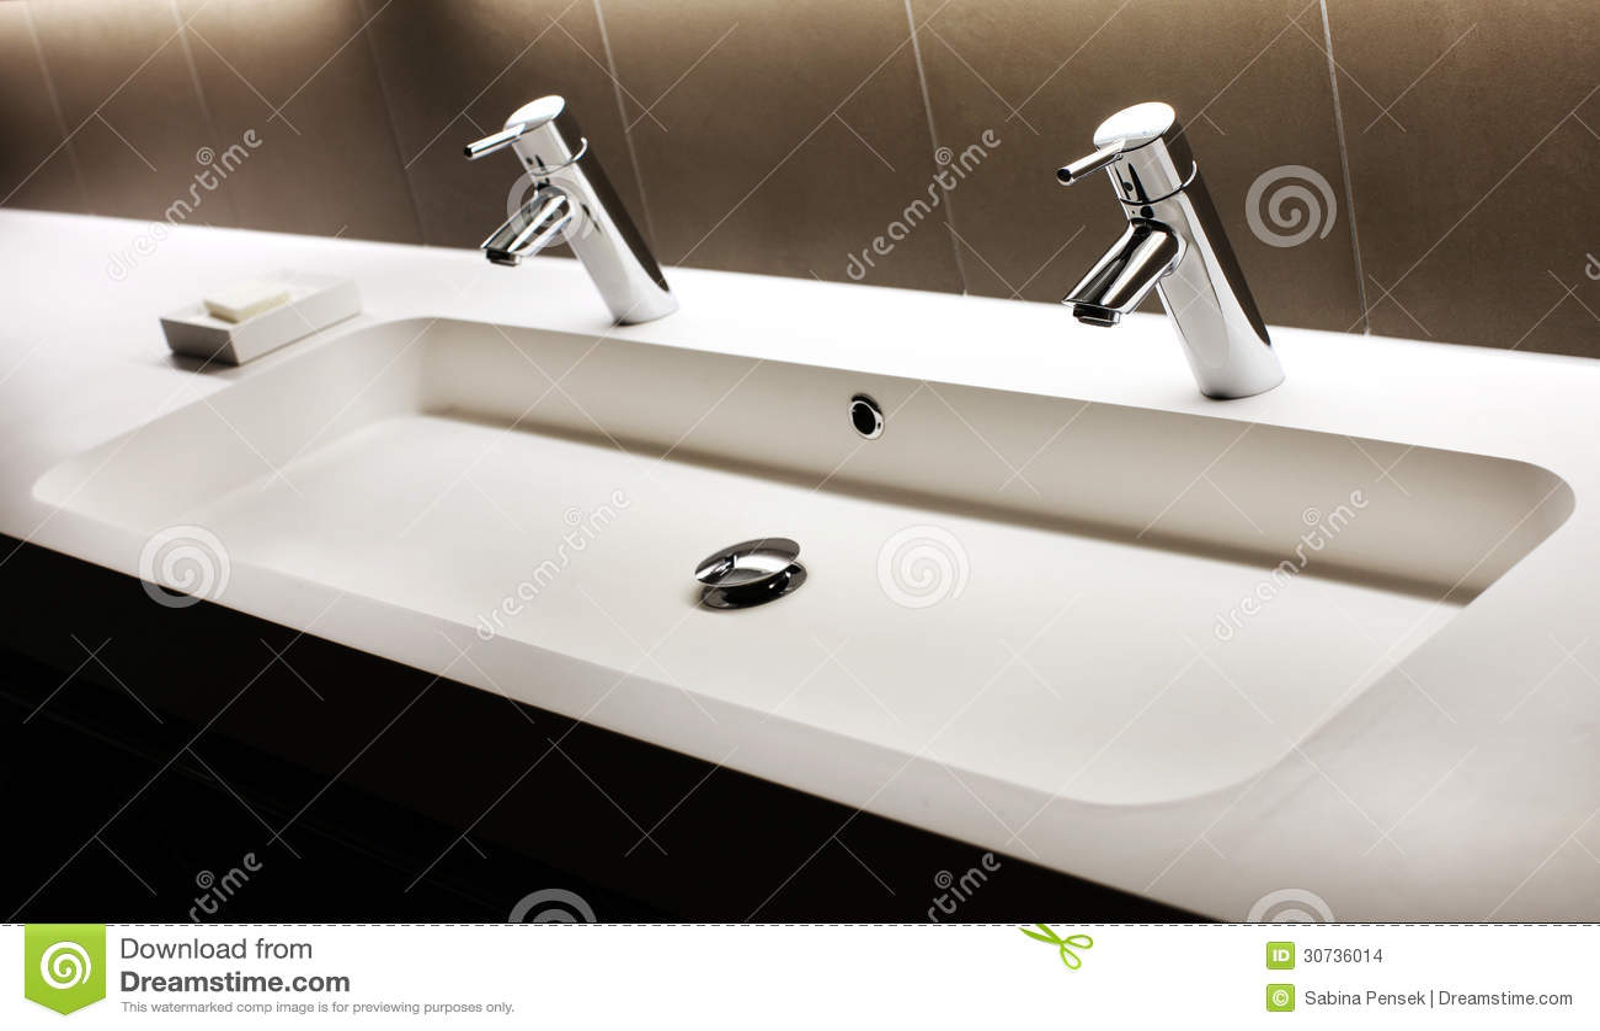 Lavandino Bianco Moderno Con Due Rubinetti Brillanti, Rubinetto Immagini Stock - Immagine: 30736014